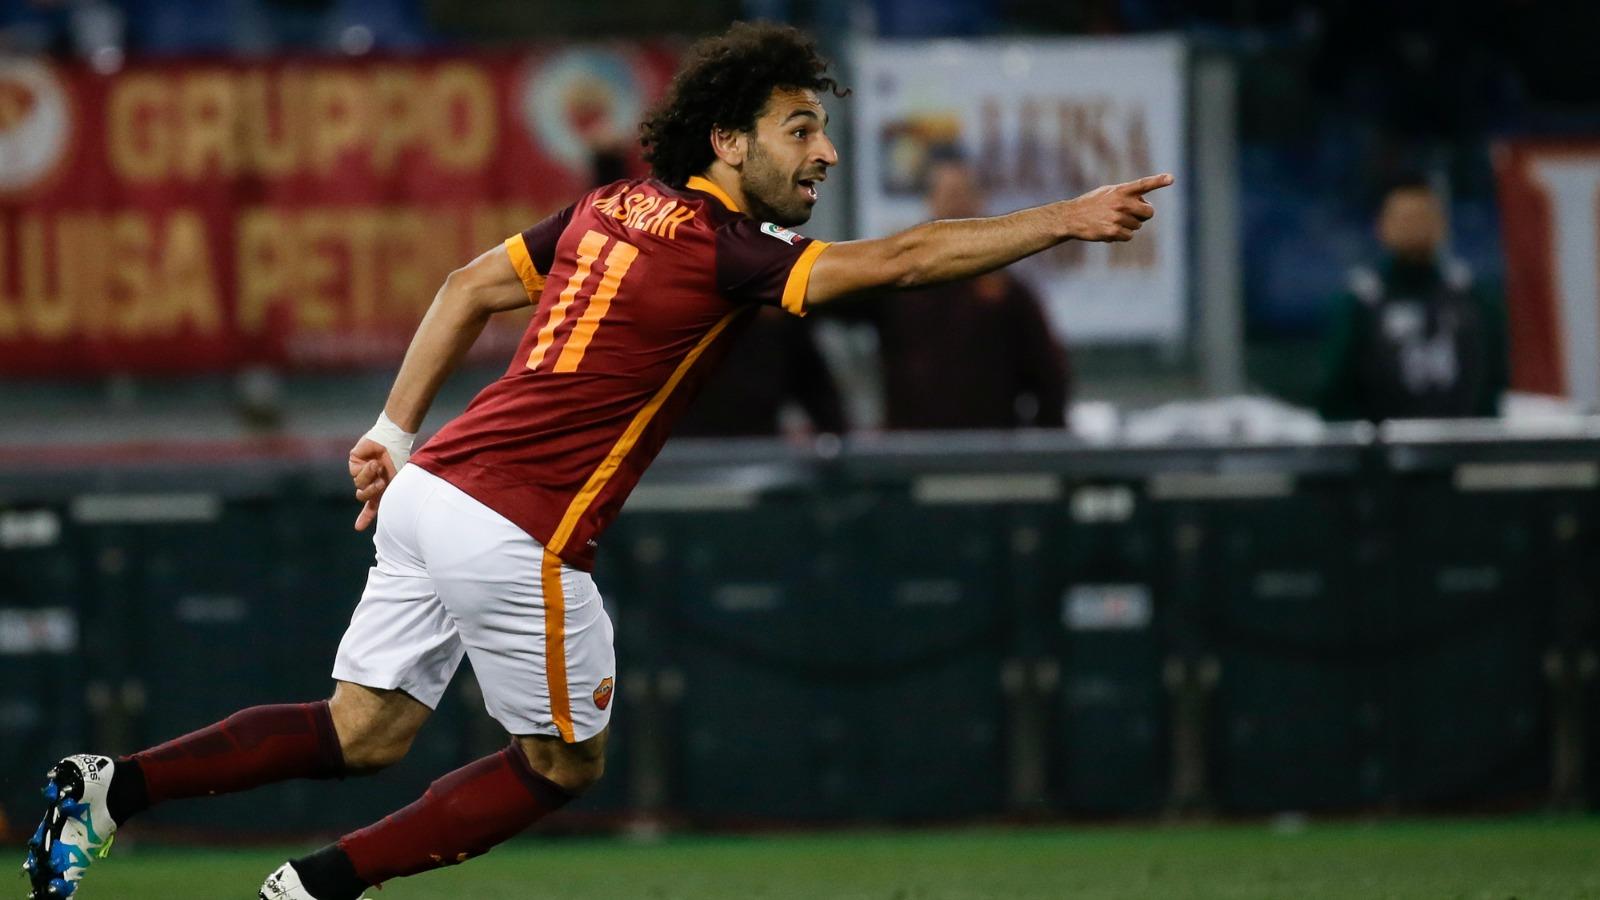 062217-Mohamed-Salah